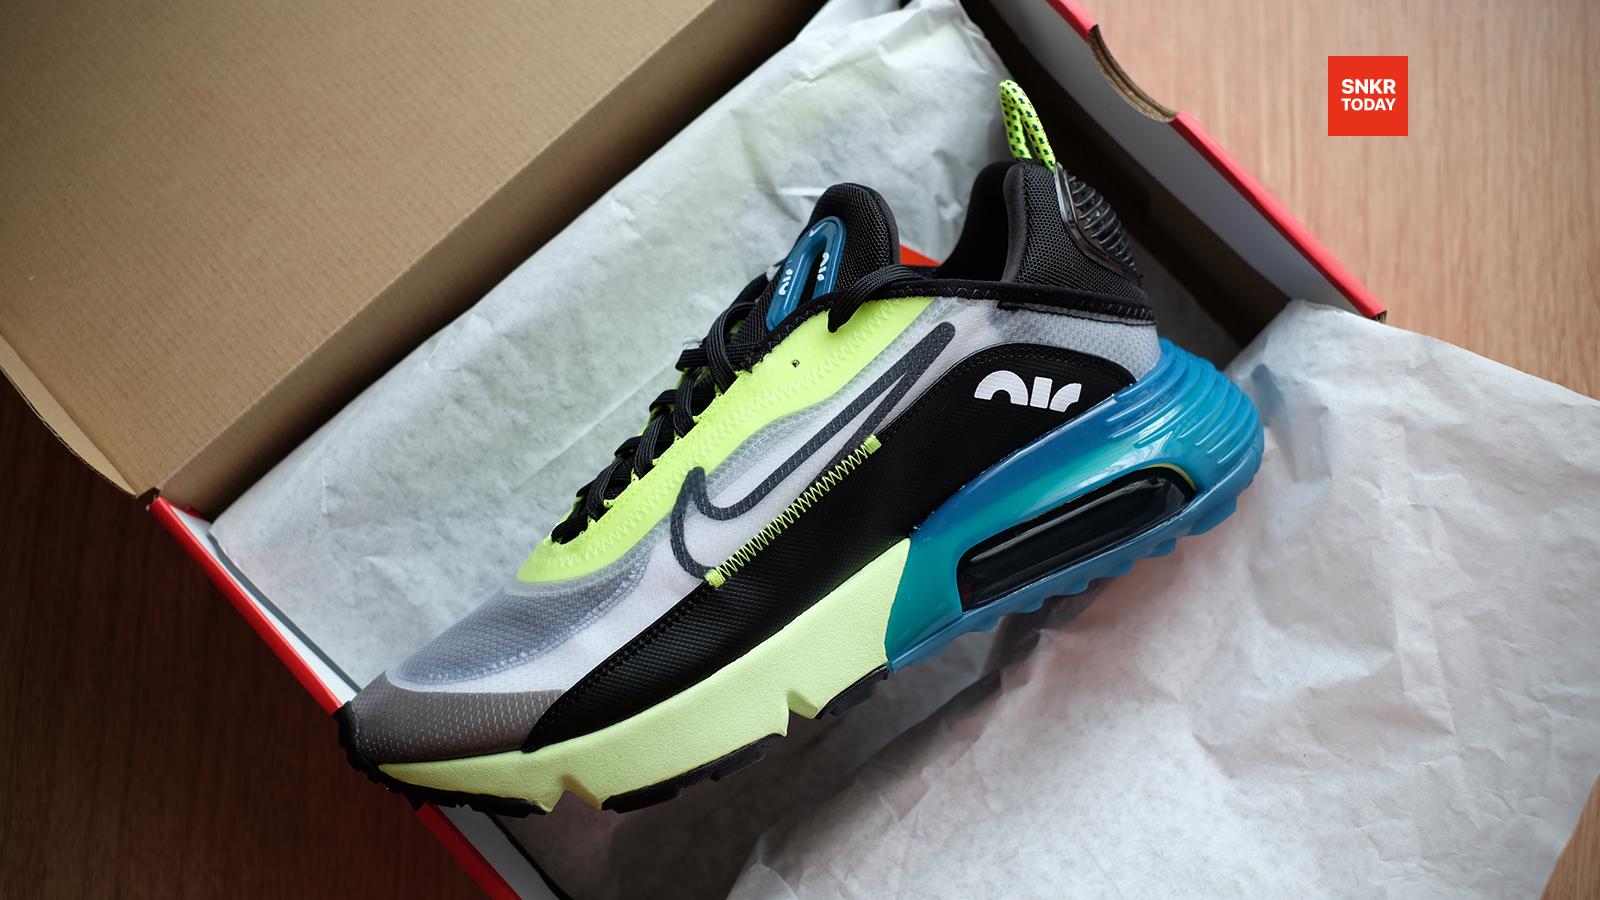 แกะกล่อง รีวิว Nike Air Max 2090 โมเดลใหม่ที่ได้รับแรงบันดาลใจจาก Air Max 90